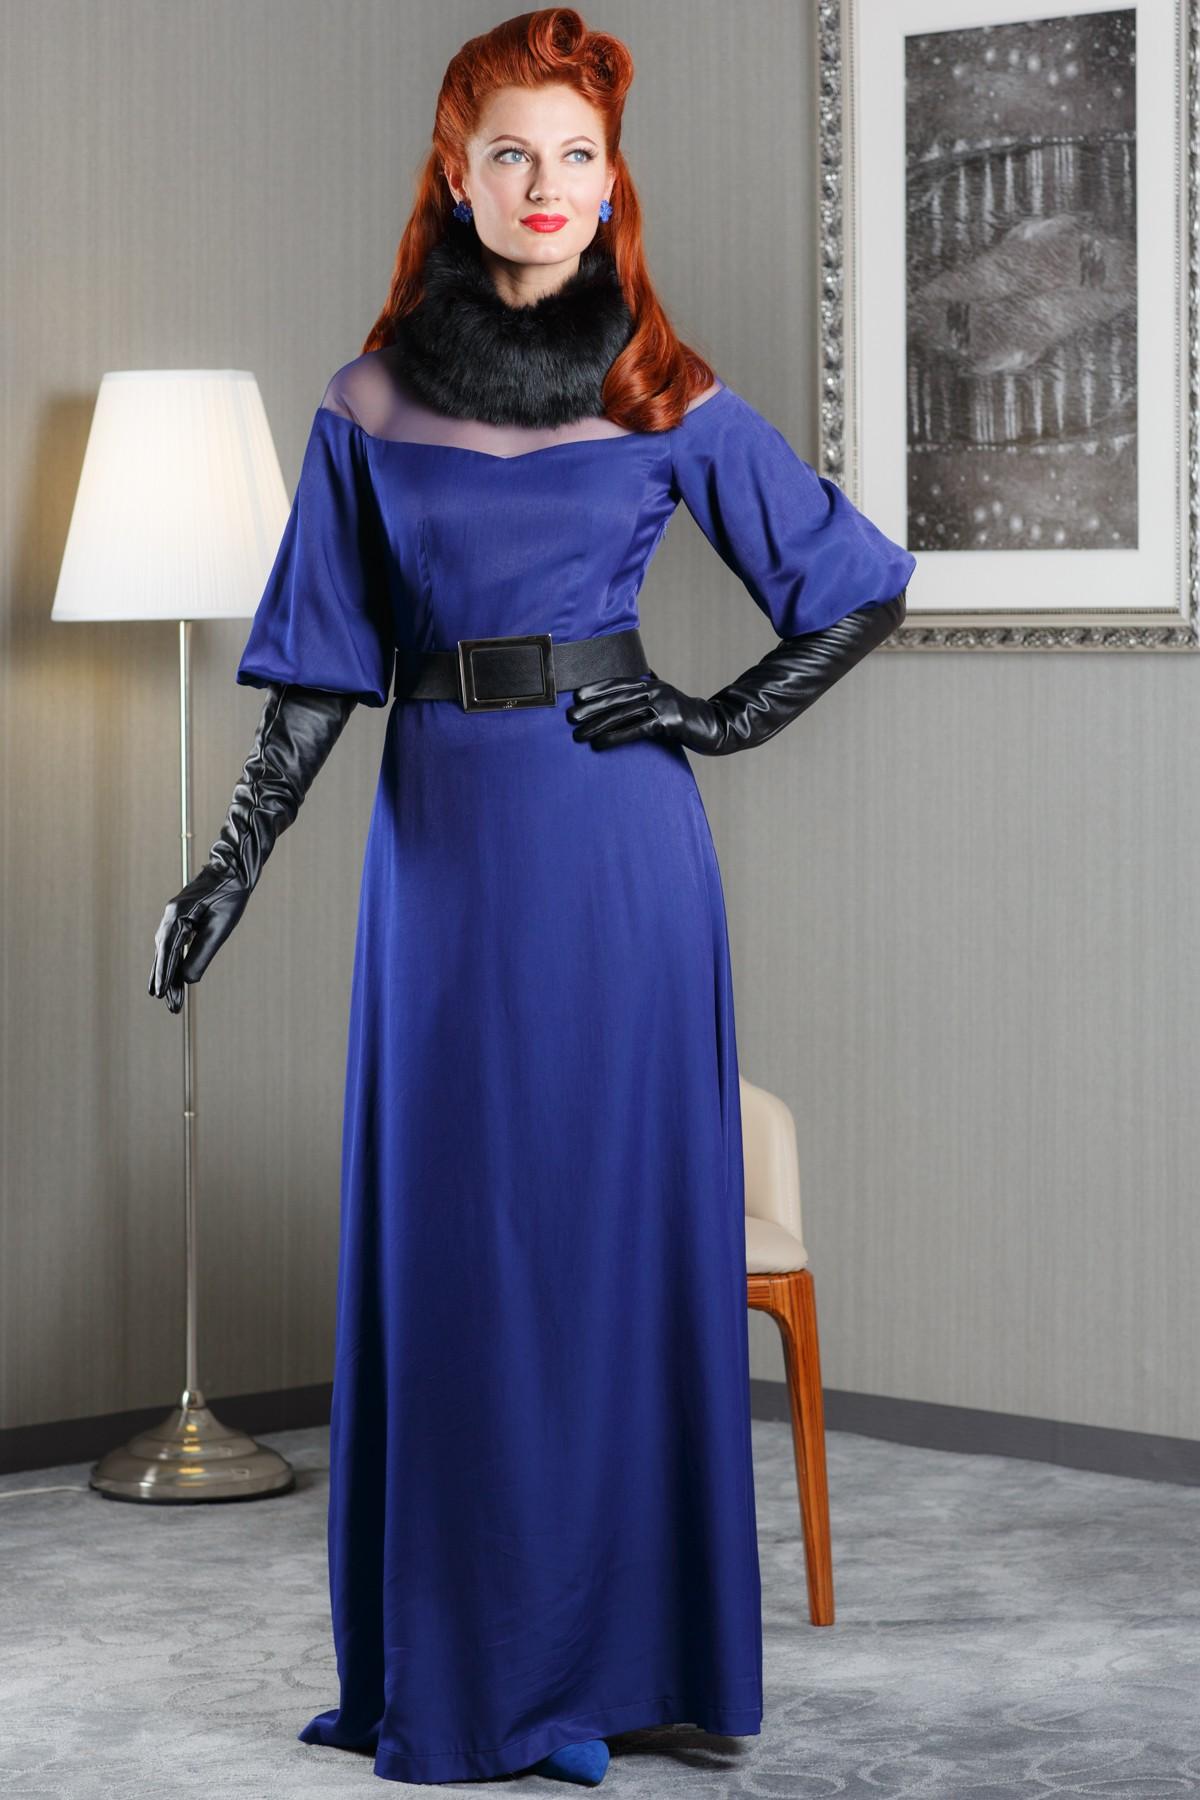 ПлатьеПлатья<br>Элегантное женское платье в пол. Модель выполнена из плотного материала. Отличный выбор для любого торжества. Платье без пояса  Цвет: синий<br><br>Горловина: С- горловина<br>По длине: Макси<br>По материалу: Вискоза,Тканевые<br>По рисунку: Однотонные<br>По сезону: Весна,Всесезон,Зима,Лето,Осень<br>По силуэту: Полуприталенные<br>Рукав: Рукав три четверти<br>По форме: Платье - футляр<br>По стилю: Молодежный стиль,Нарядный стиль,Вечерний стиль<br>Размер : 40,42,44<br>Материал: Атлас + Гипюровая сетка<br>Количество в наличии: 3